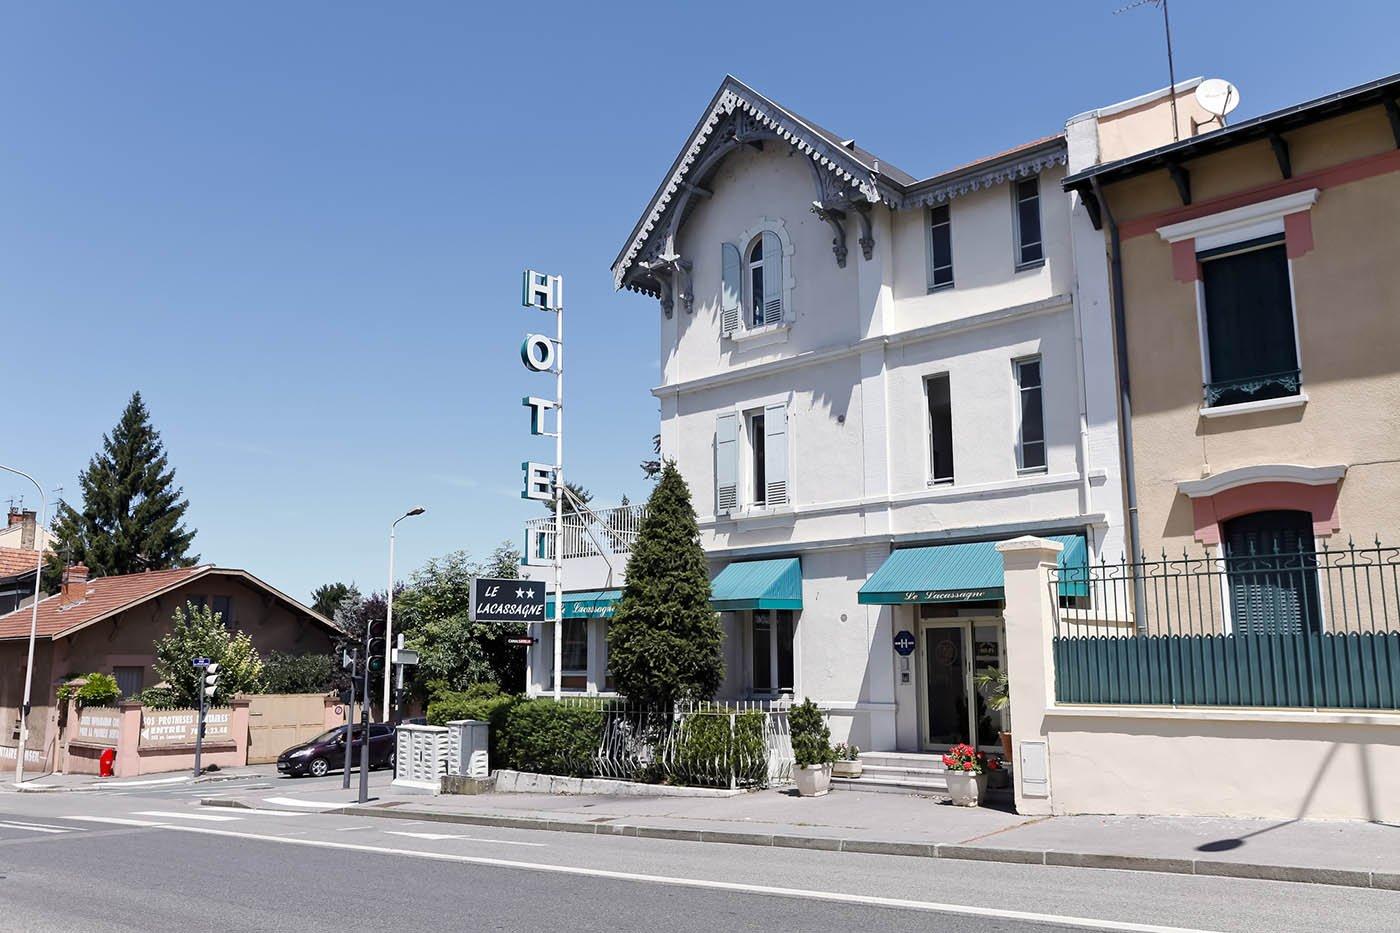 H tel lacassagne lyon site officiel meilleur tarif for Meilleur site comparateur hotel